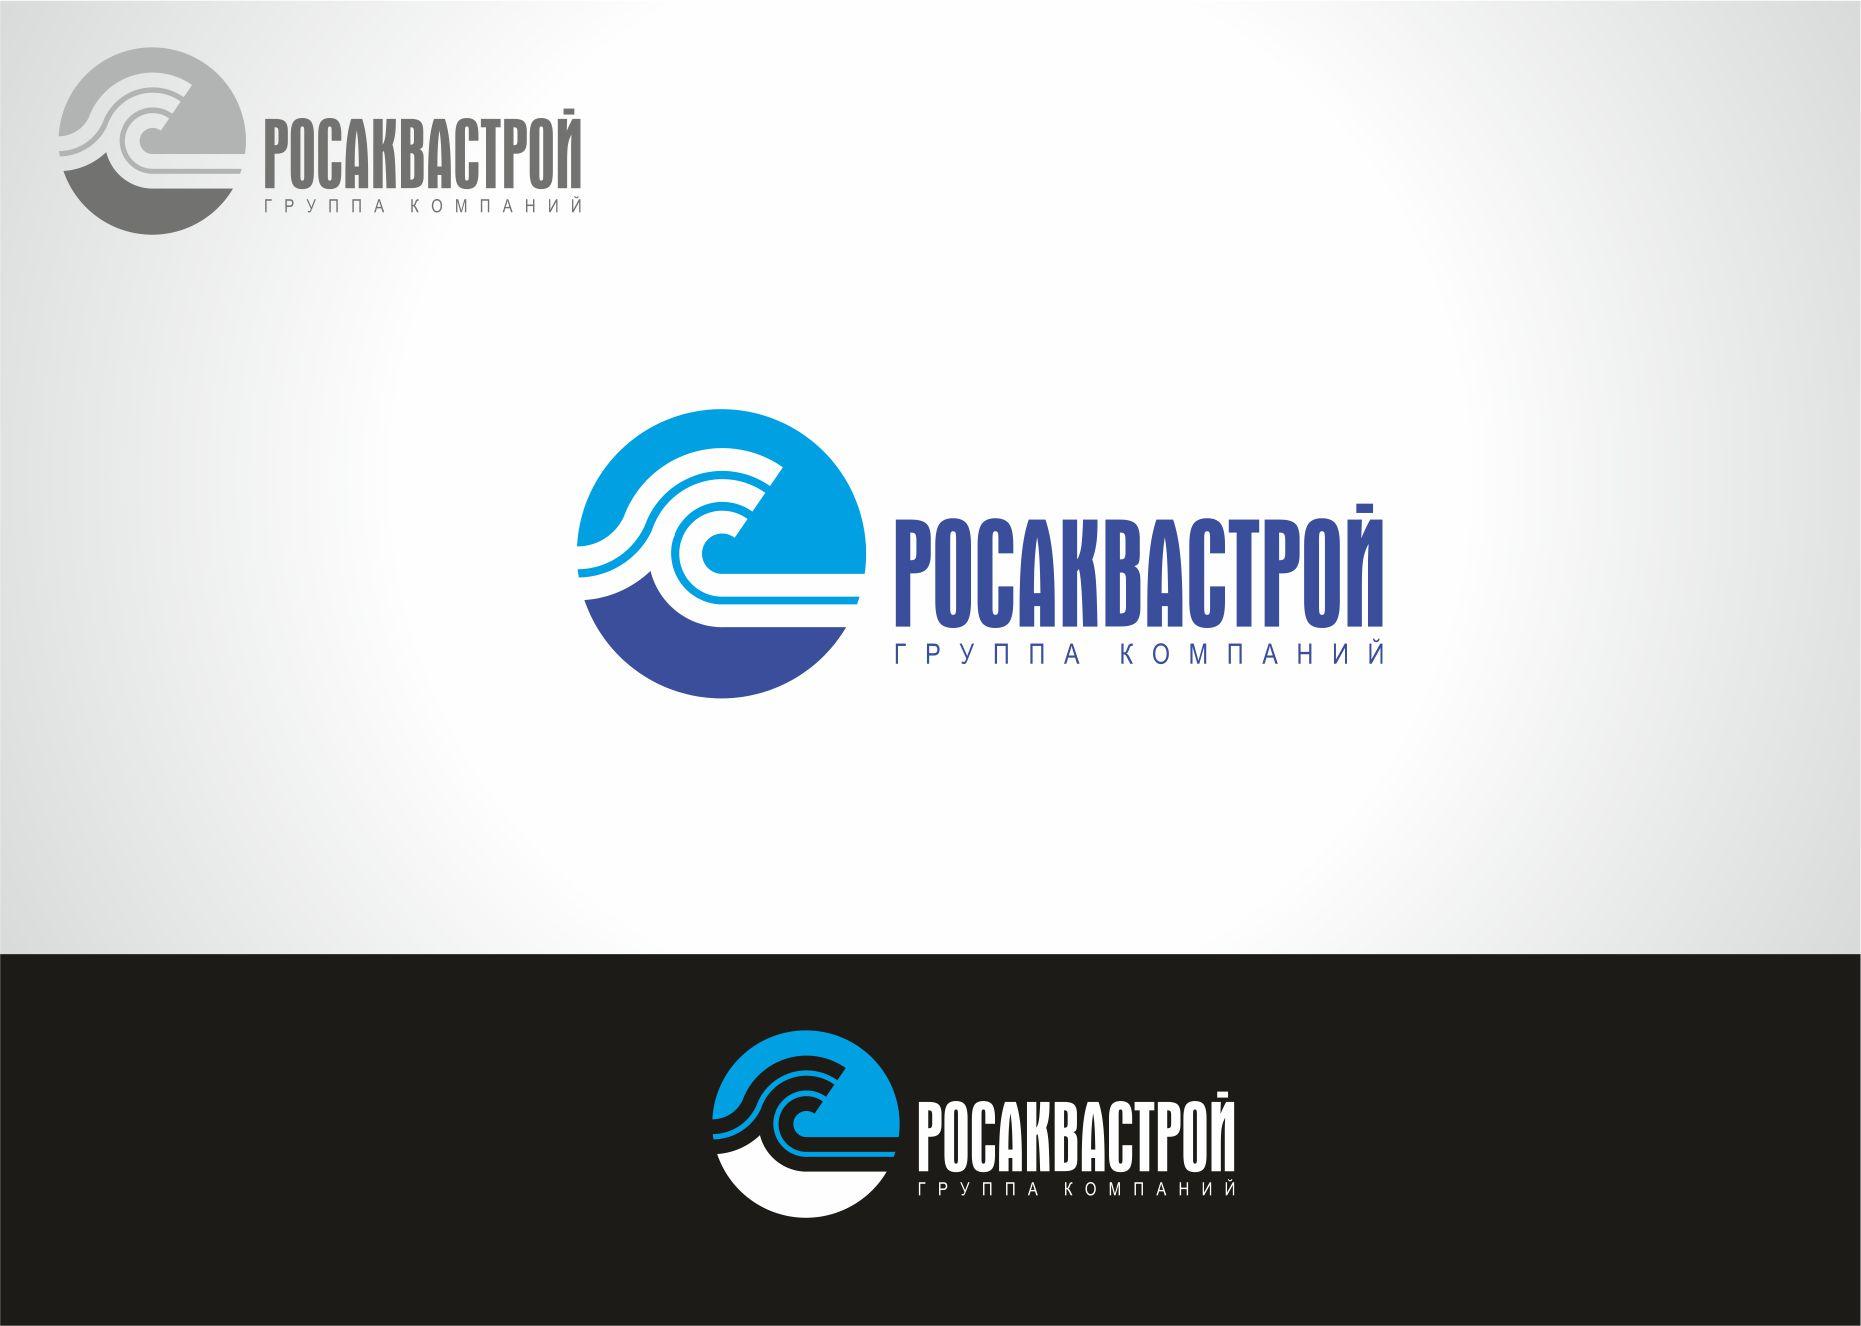 Создание логотипа фото f_4eb00c2381413.jpg